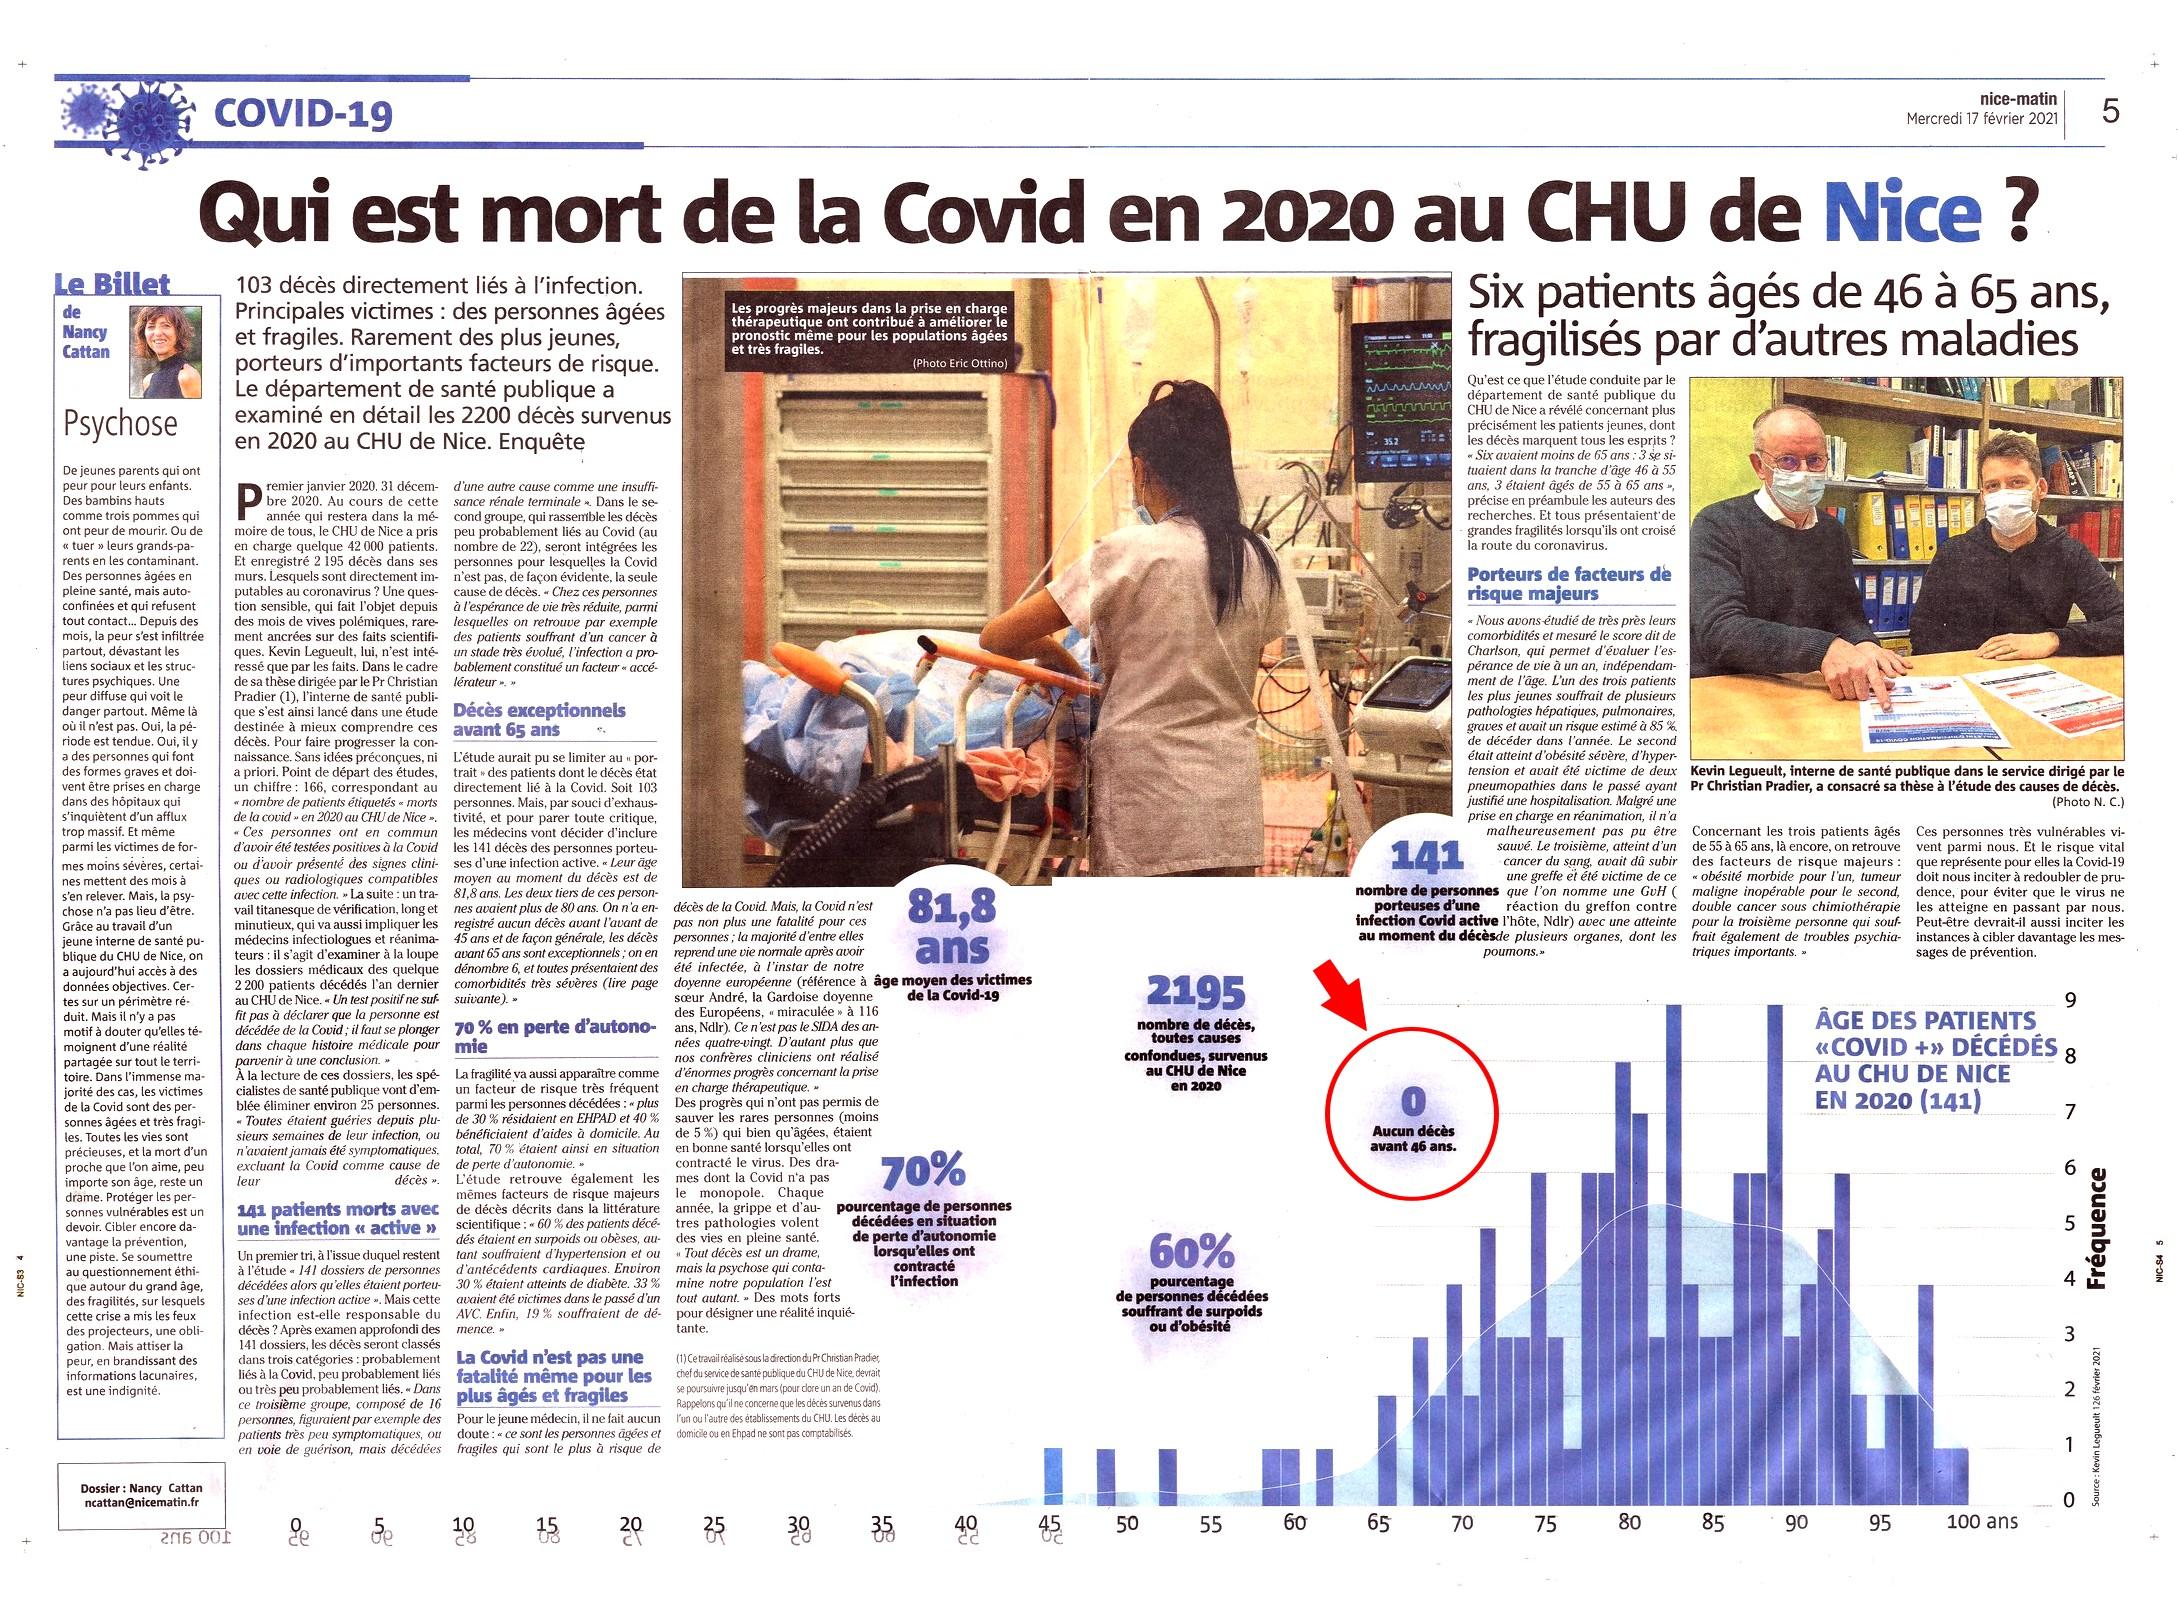 Nice-Matin 17 février 2021 - Stats Covid